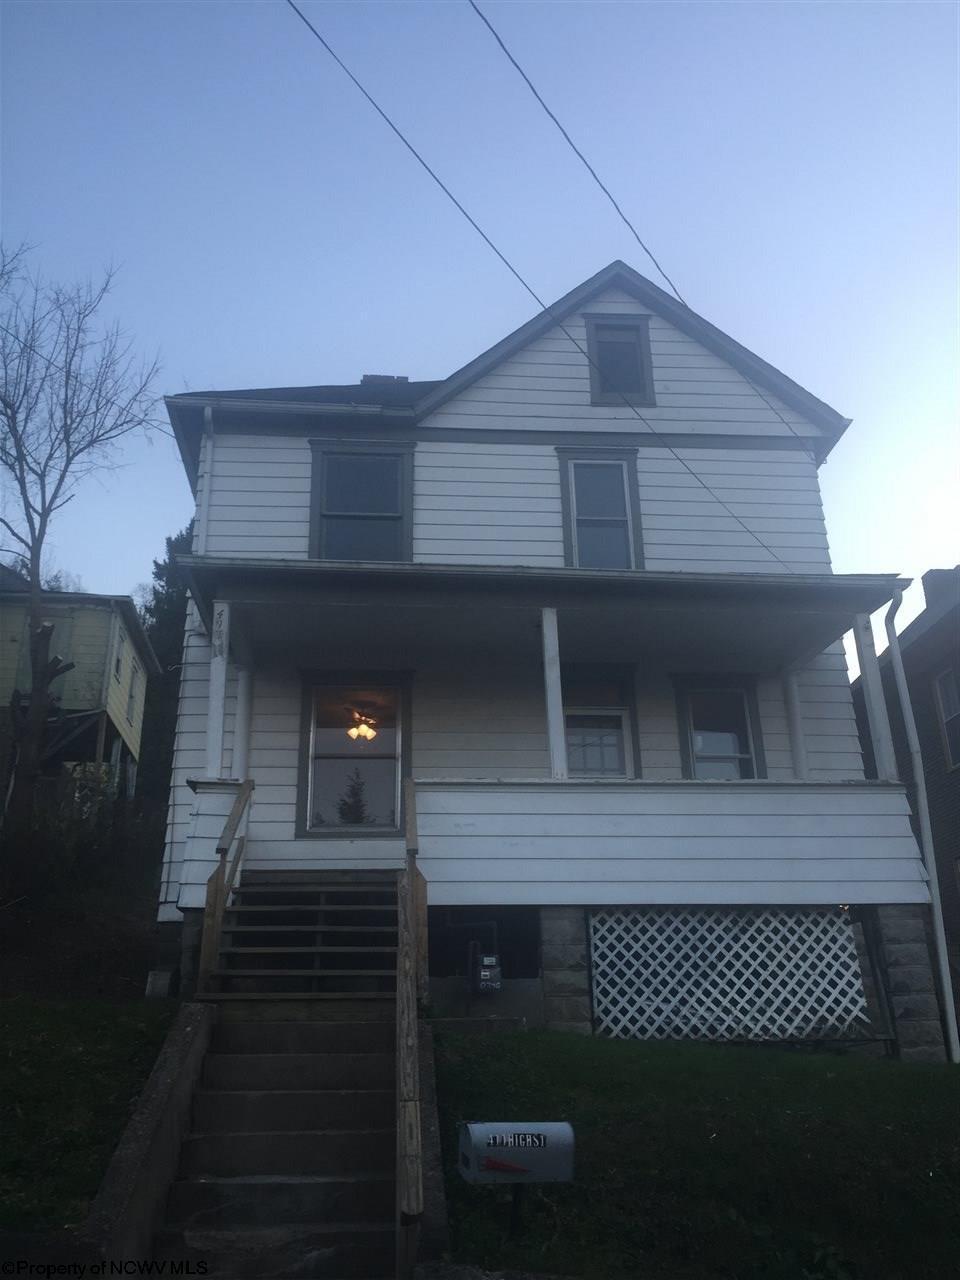 411 High St Clarksburg, WV 26301